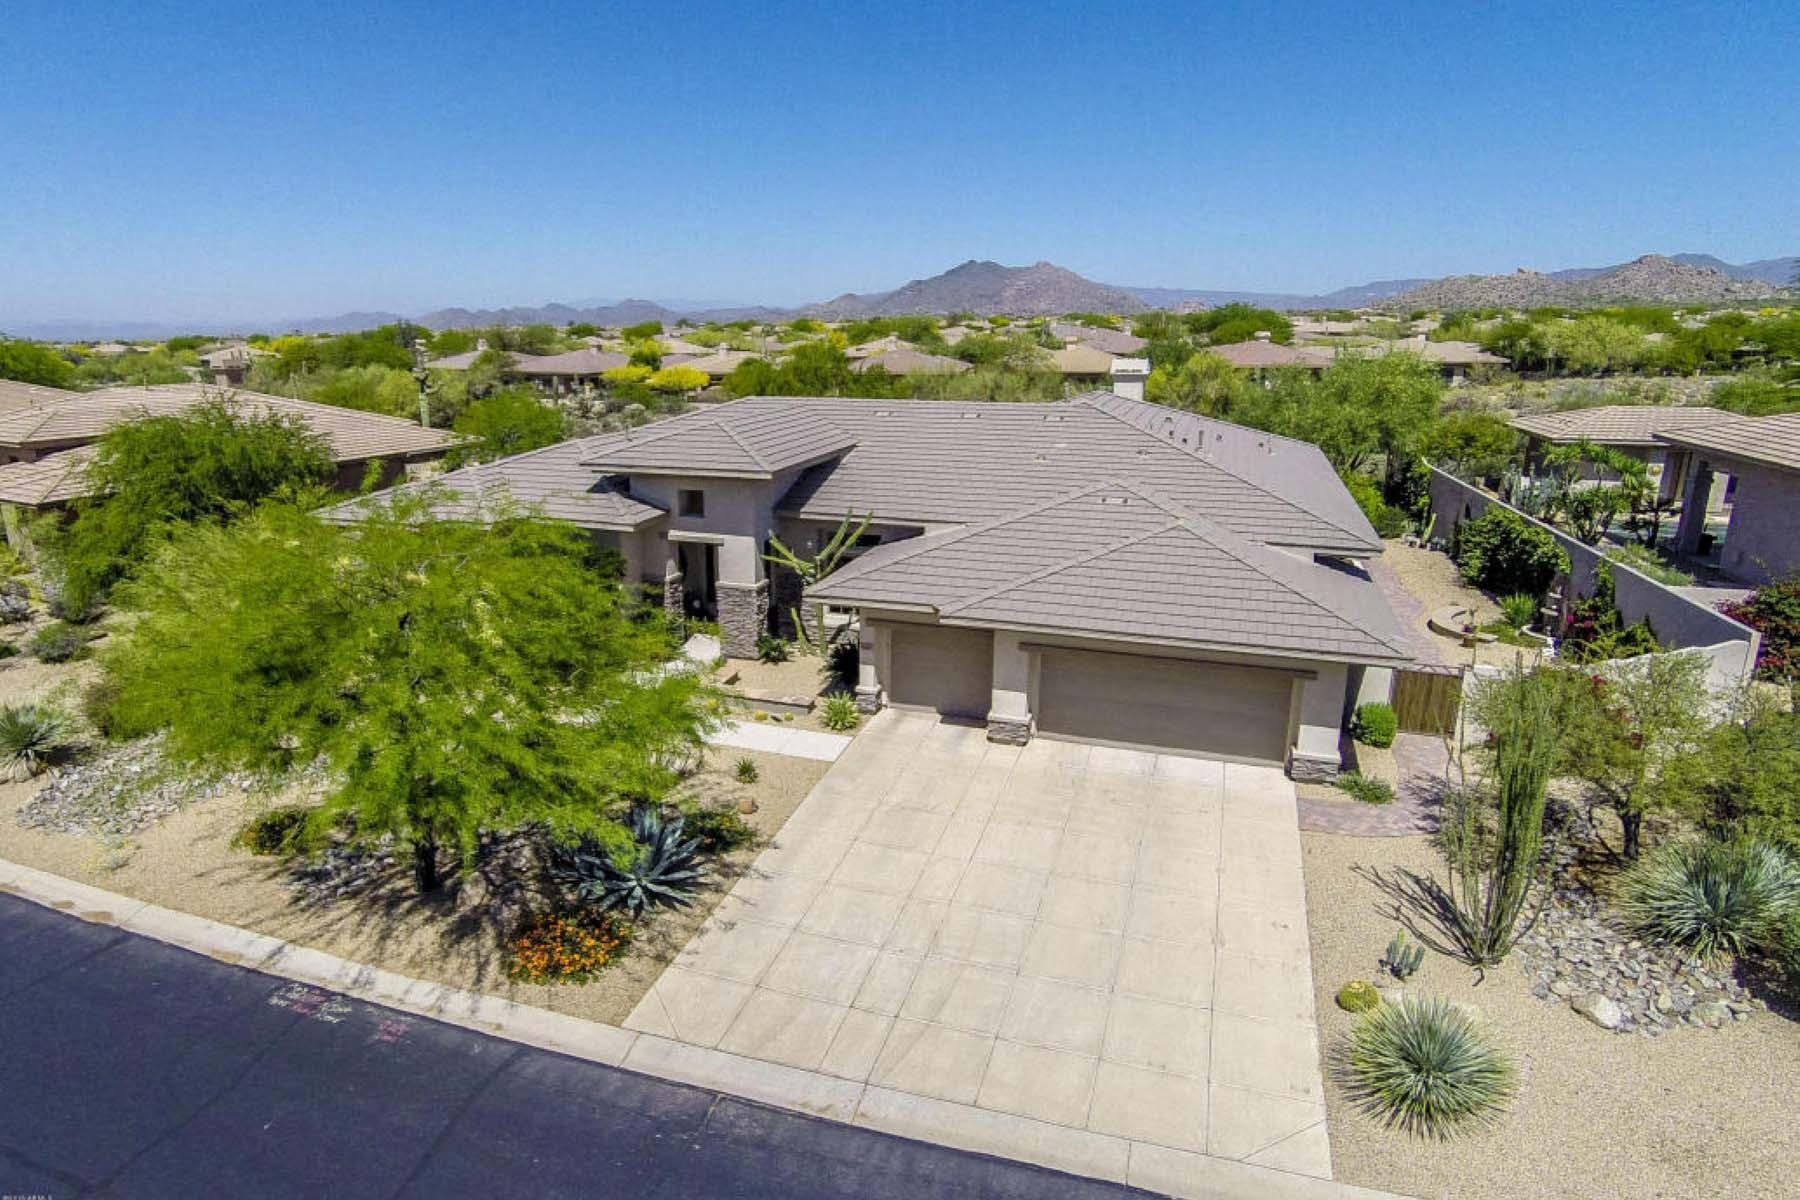 Casa para uma família para Venda às Timeless Sapphira model in Bellasera. 7564 E PONTEBELLA DR Scottsdale, Arizona 85266 Estados Unidos